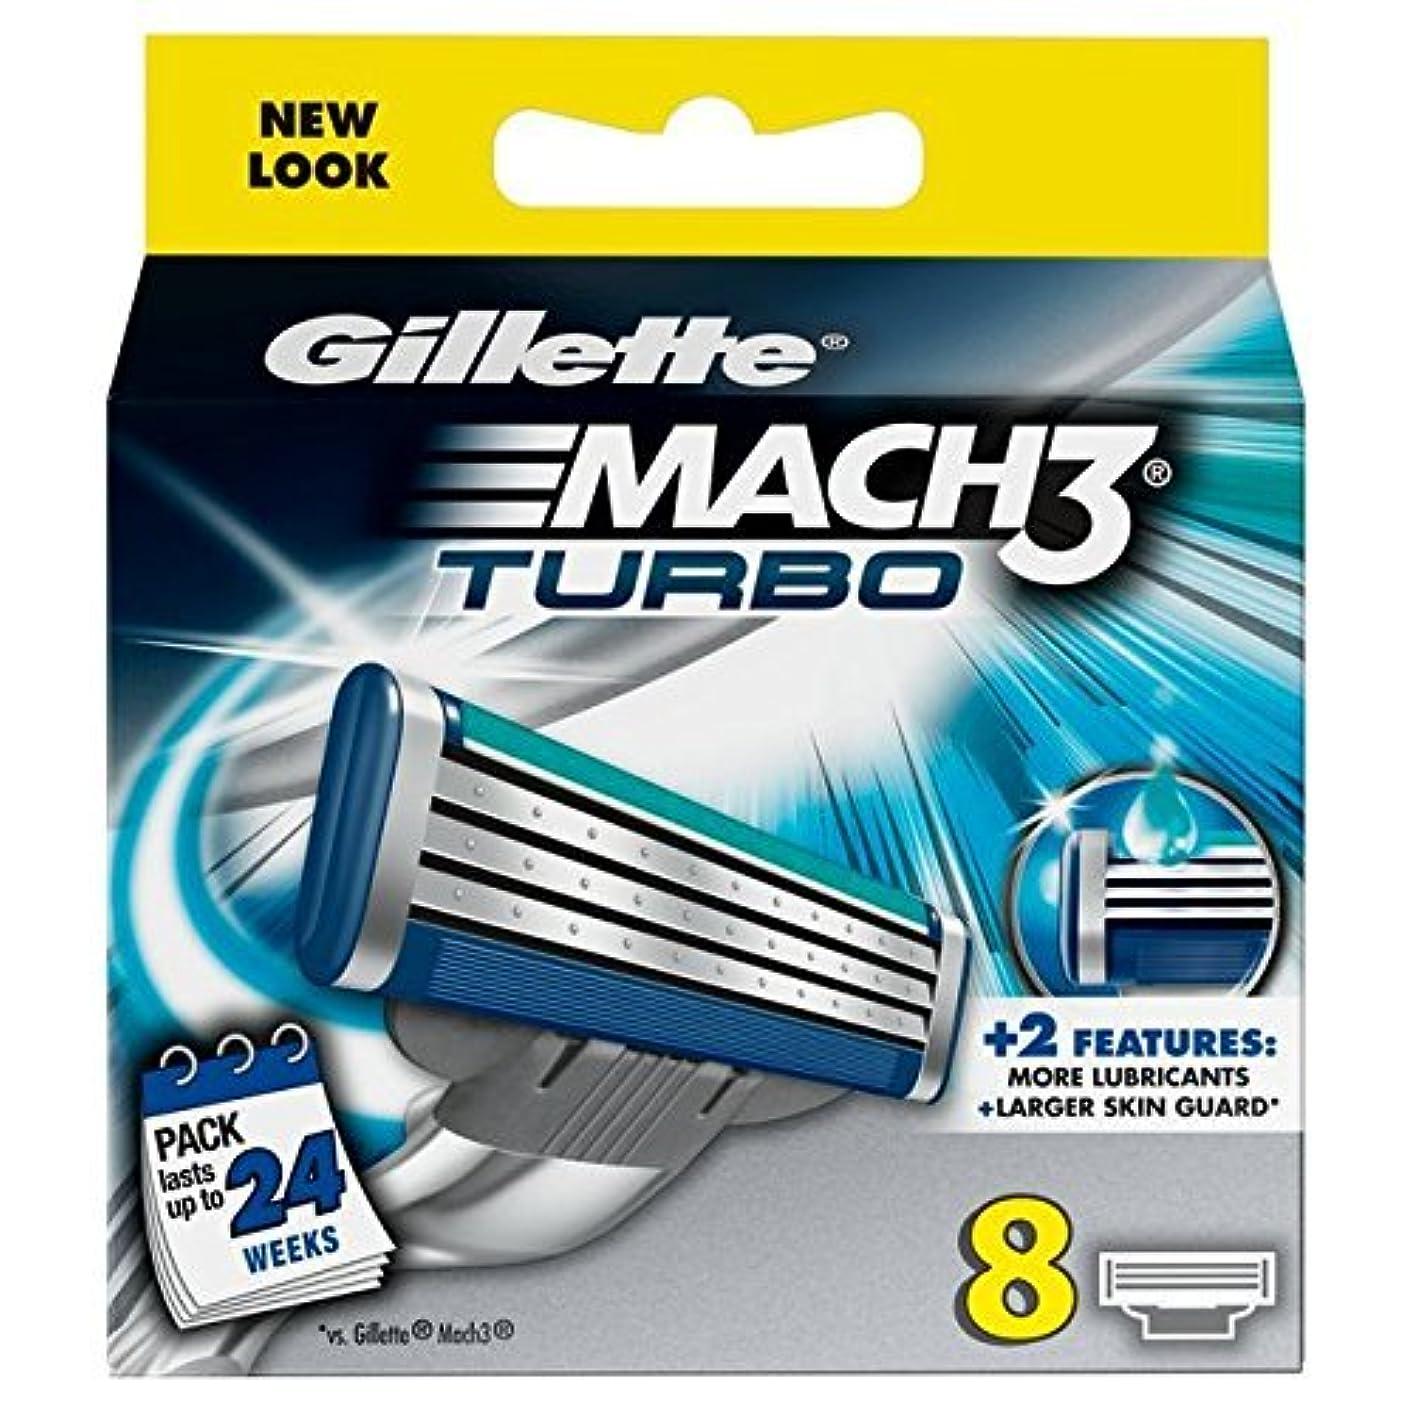 スペルスピリチュアル手当ジレット マッハ 3 ターボ 替刃8個入 Gillette Mach 3 Turbo [並行輸入品]